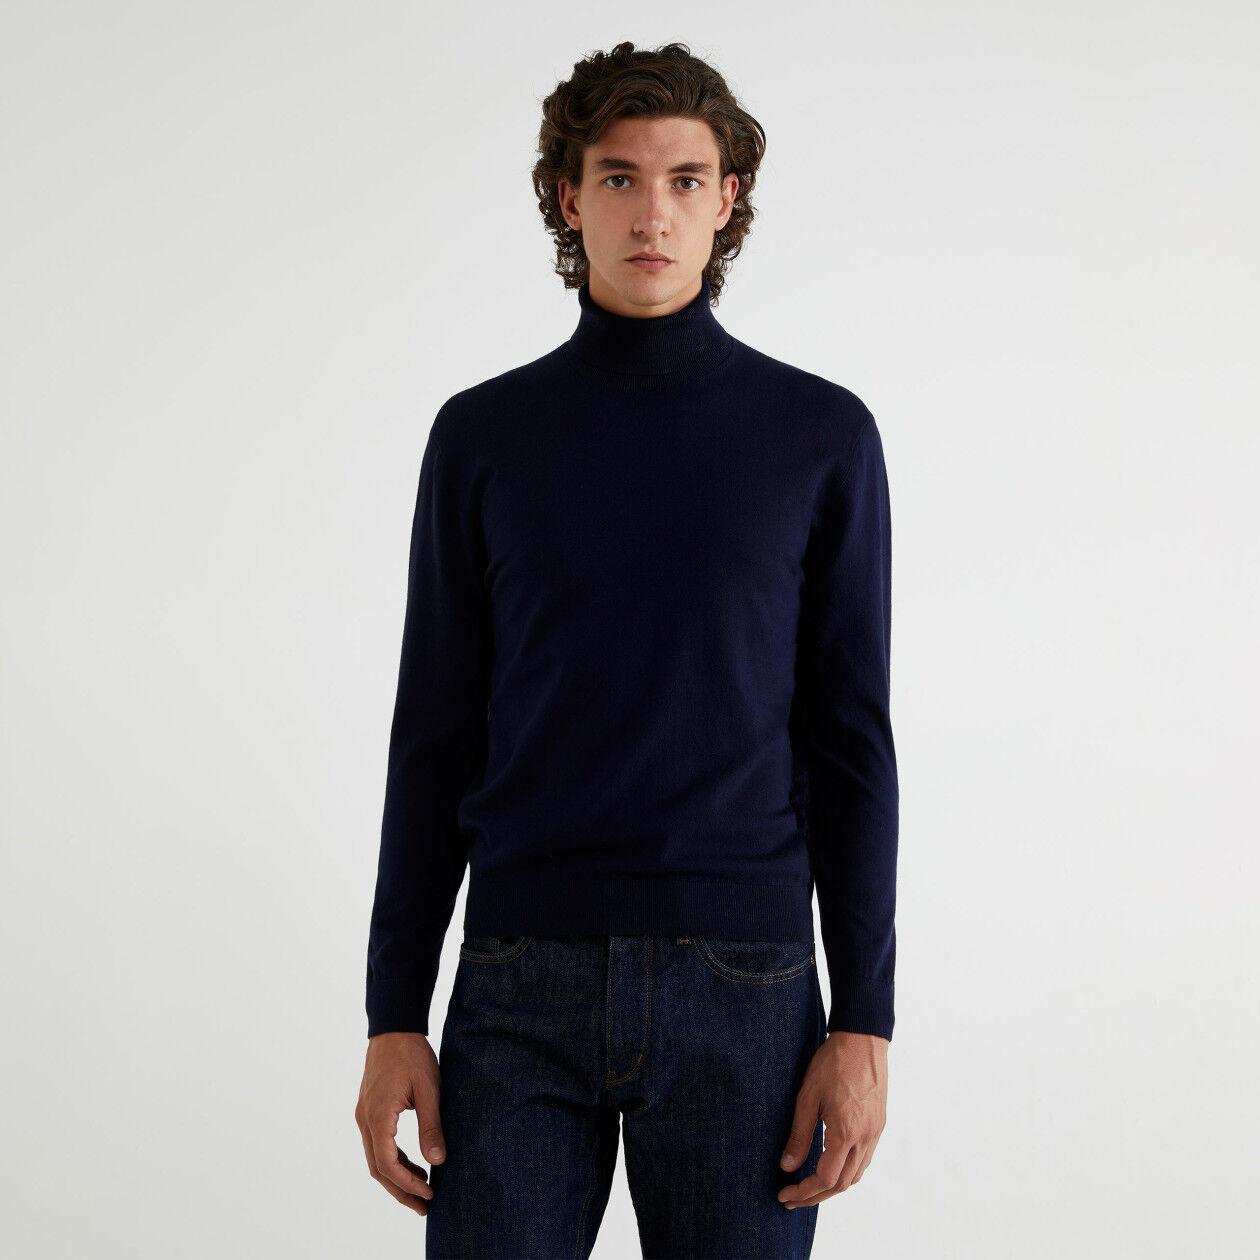 Camisola gola alta em algodão tricot